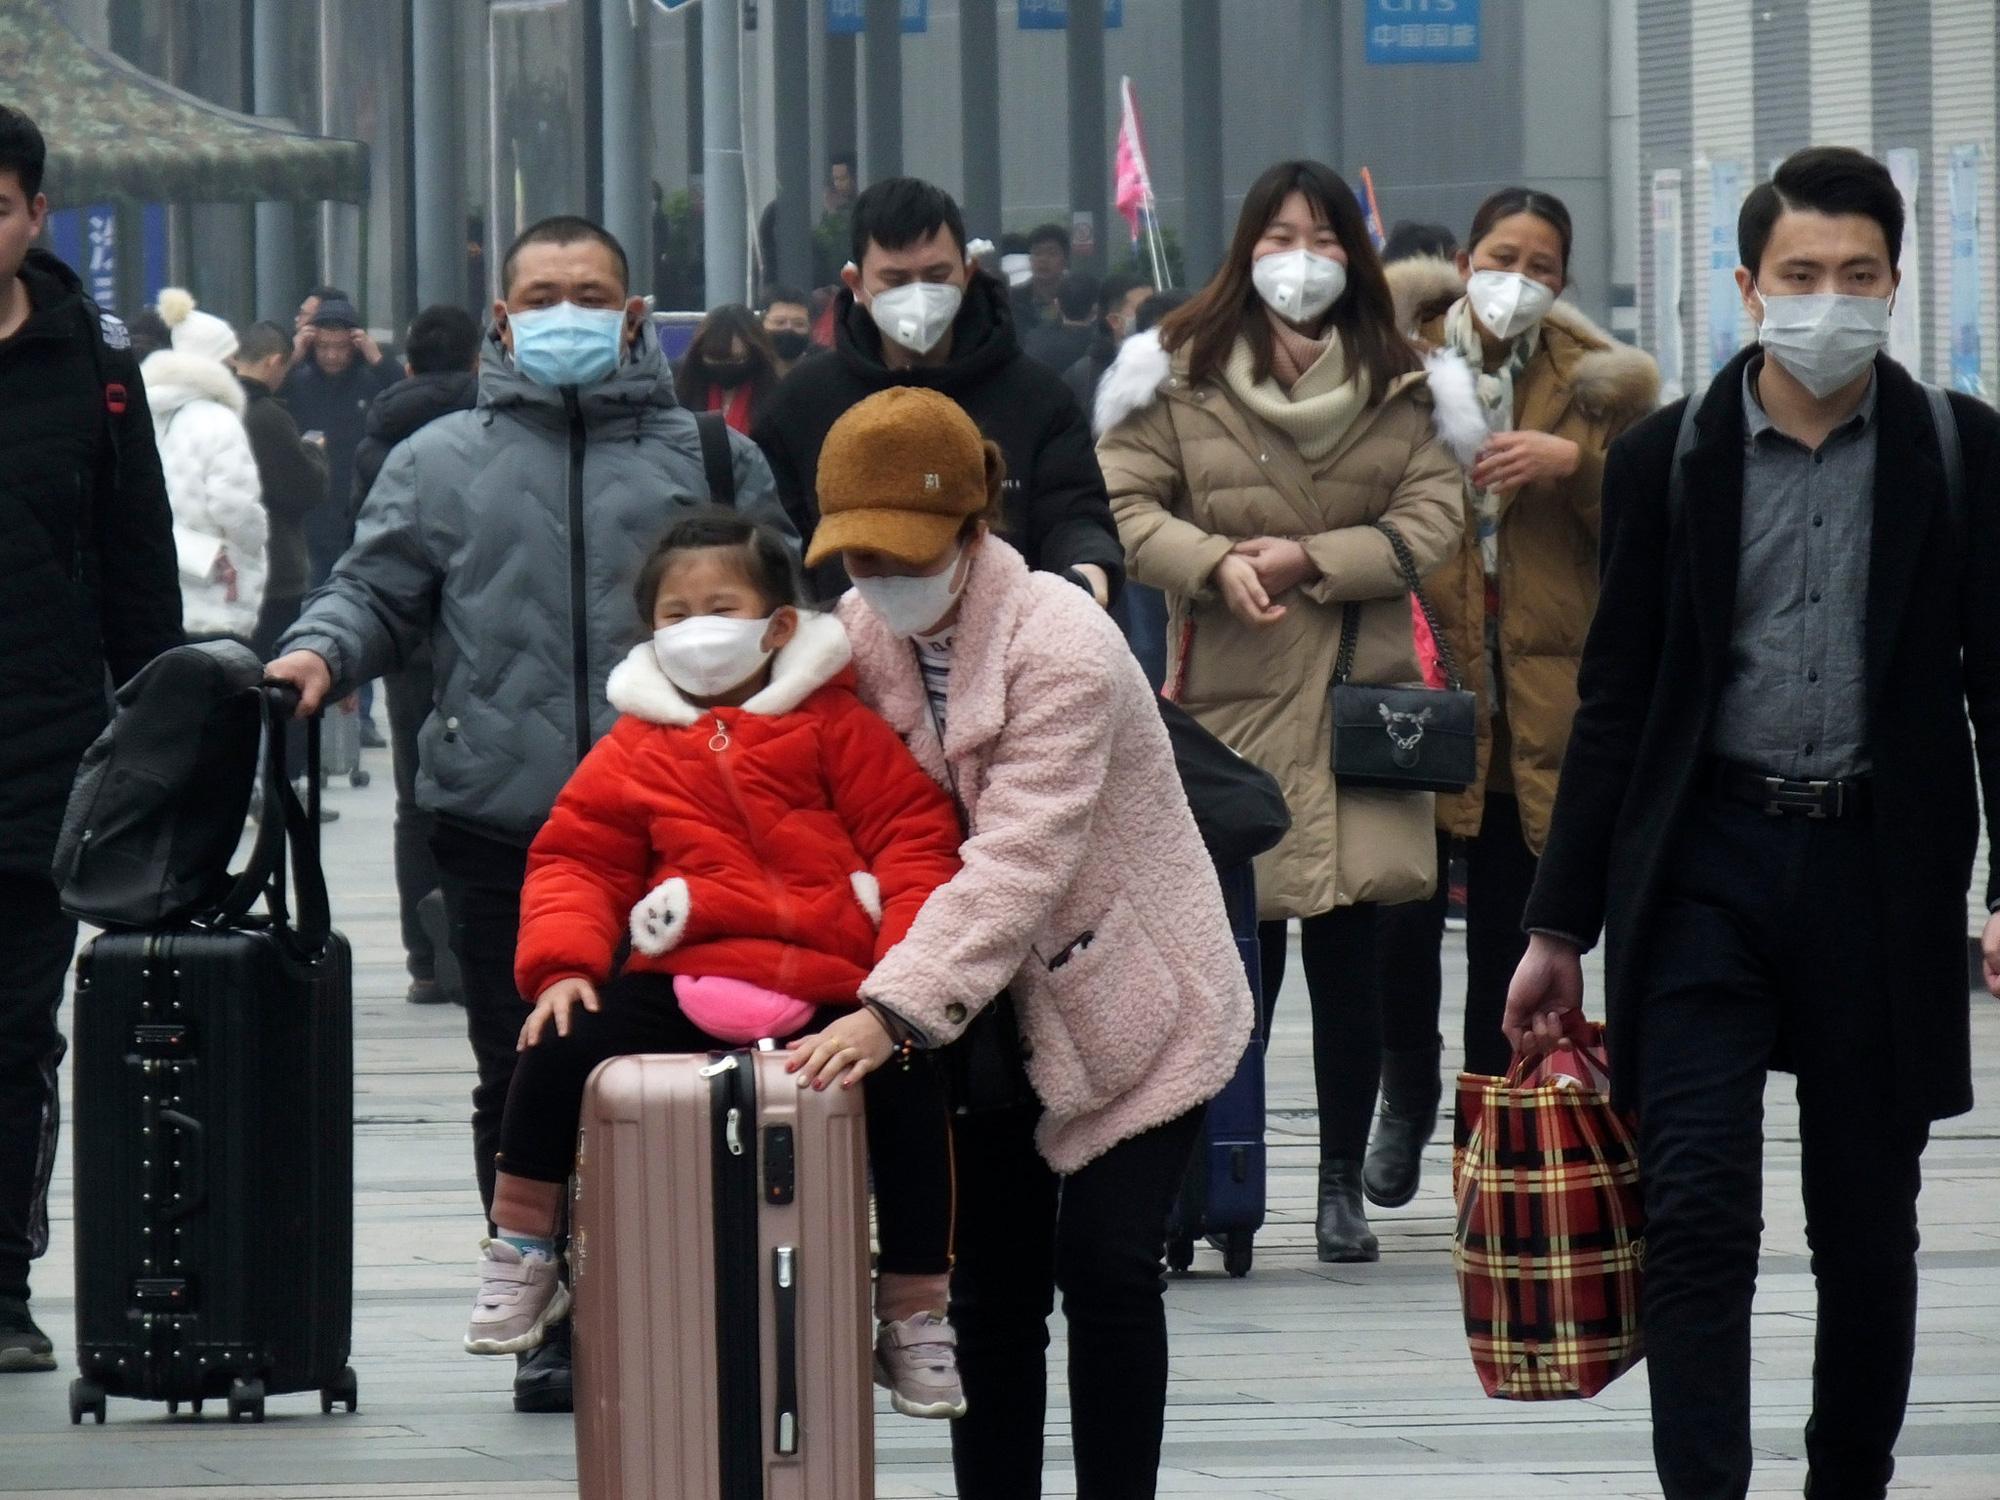 Chủng virus corona khiến 17 người Trung Quốc chết vì bệnh viêm phổi lạ có thể xuất phát từ loài vật đáng sợ này - Ảnh 3.